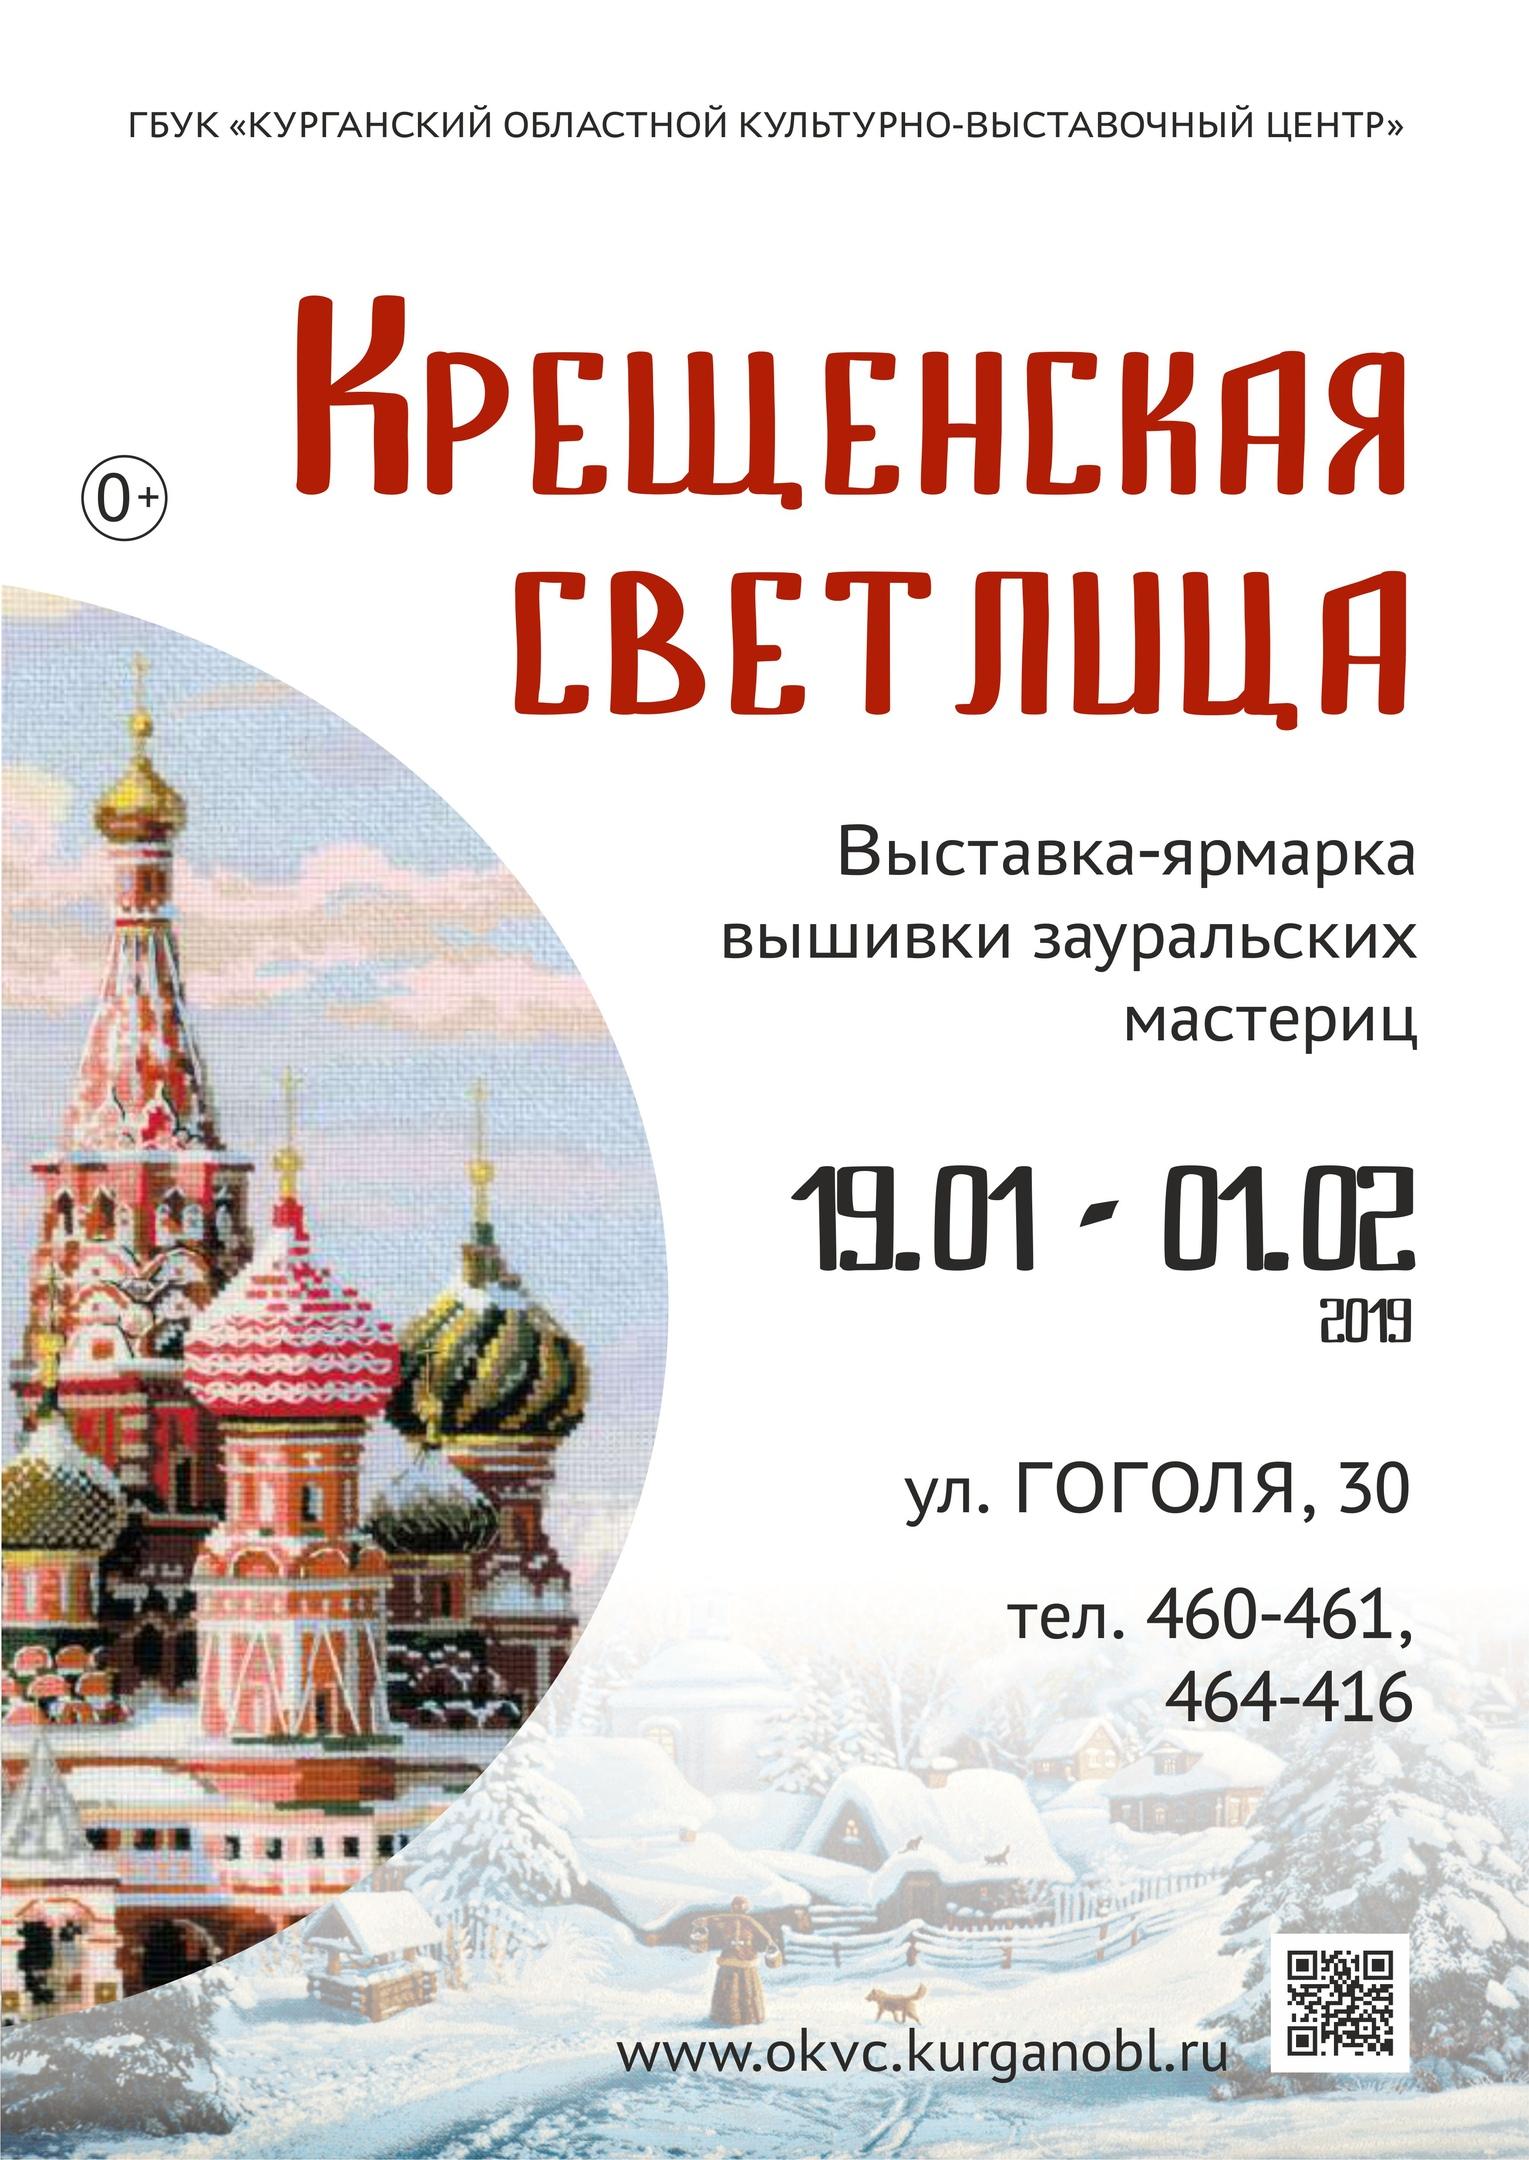 Областной культурно-выставочный центр Выставка-ярмарка Крещенская светлица курган афиша расписание